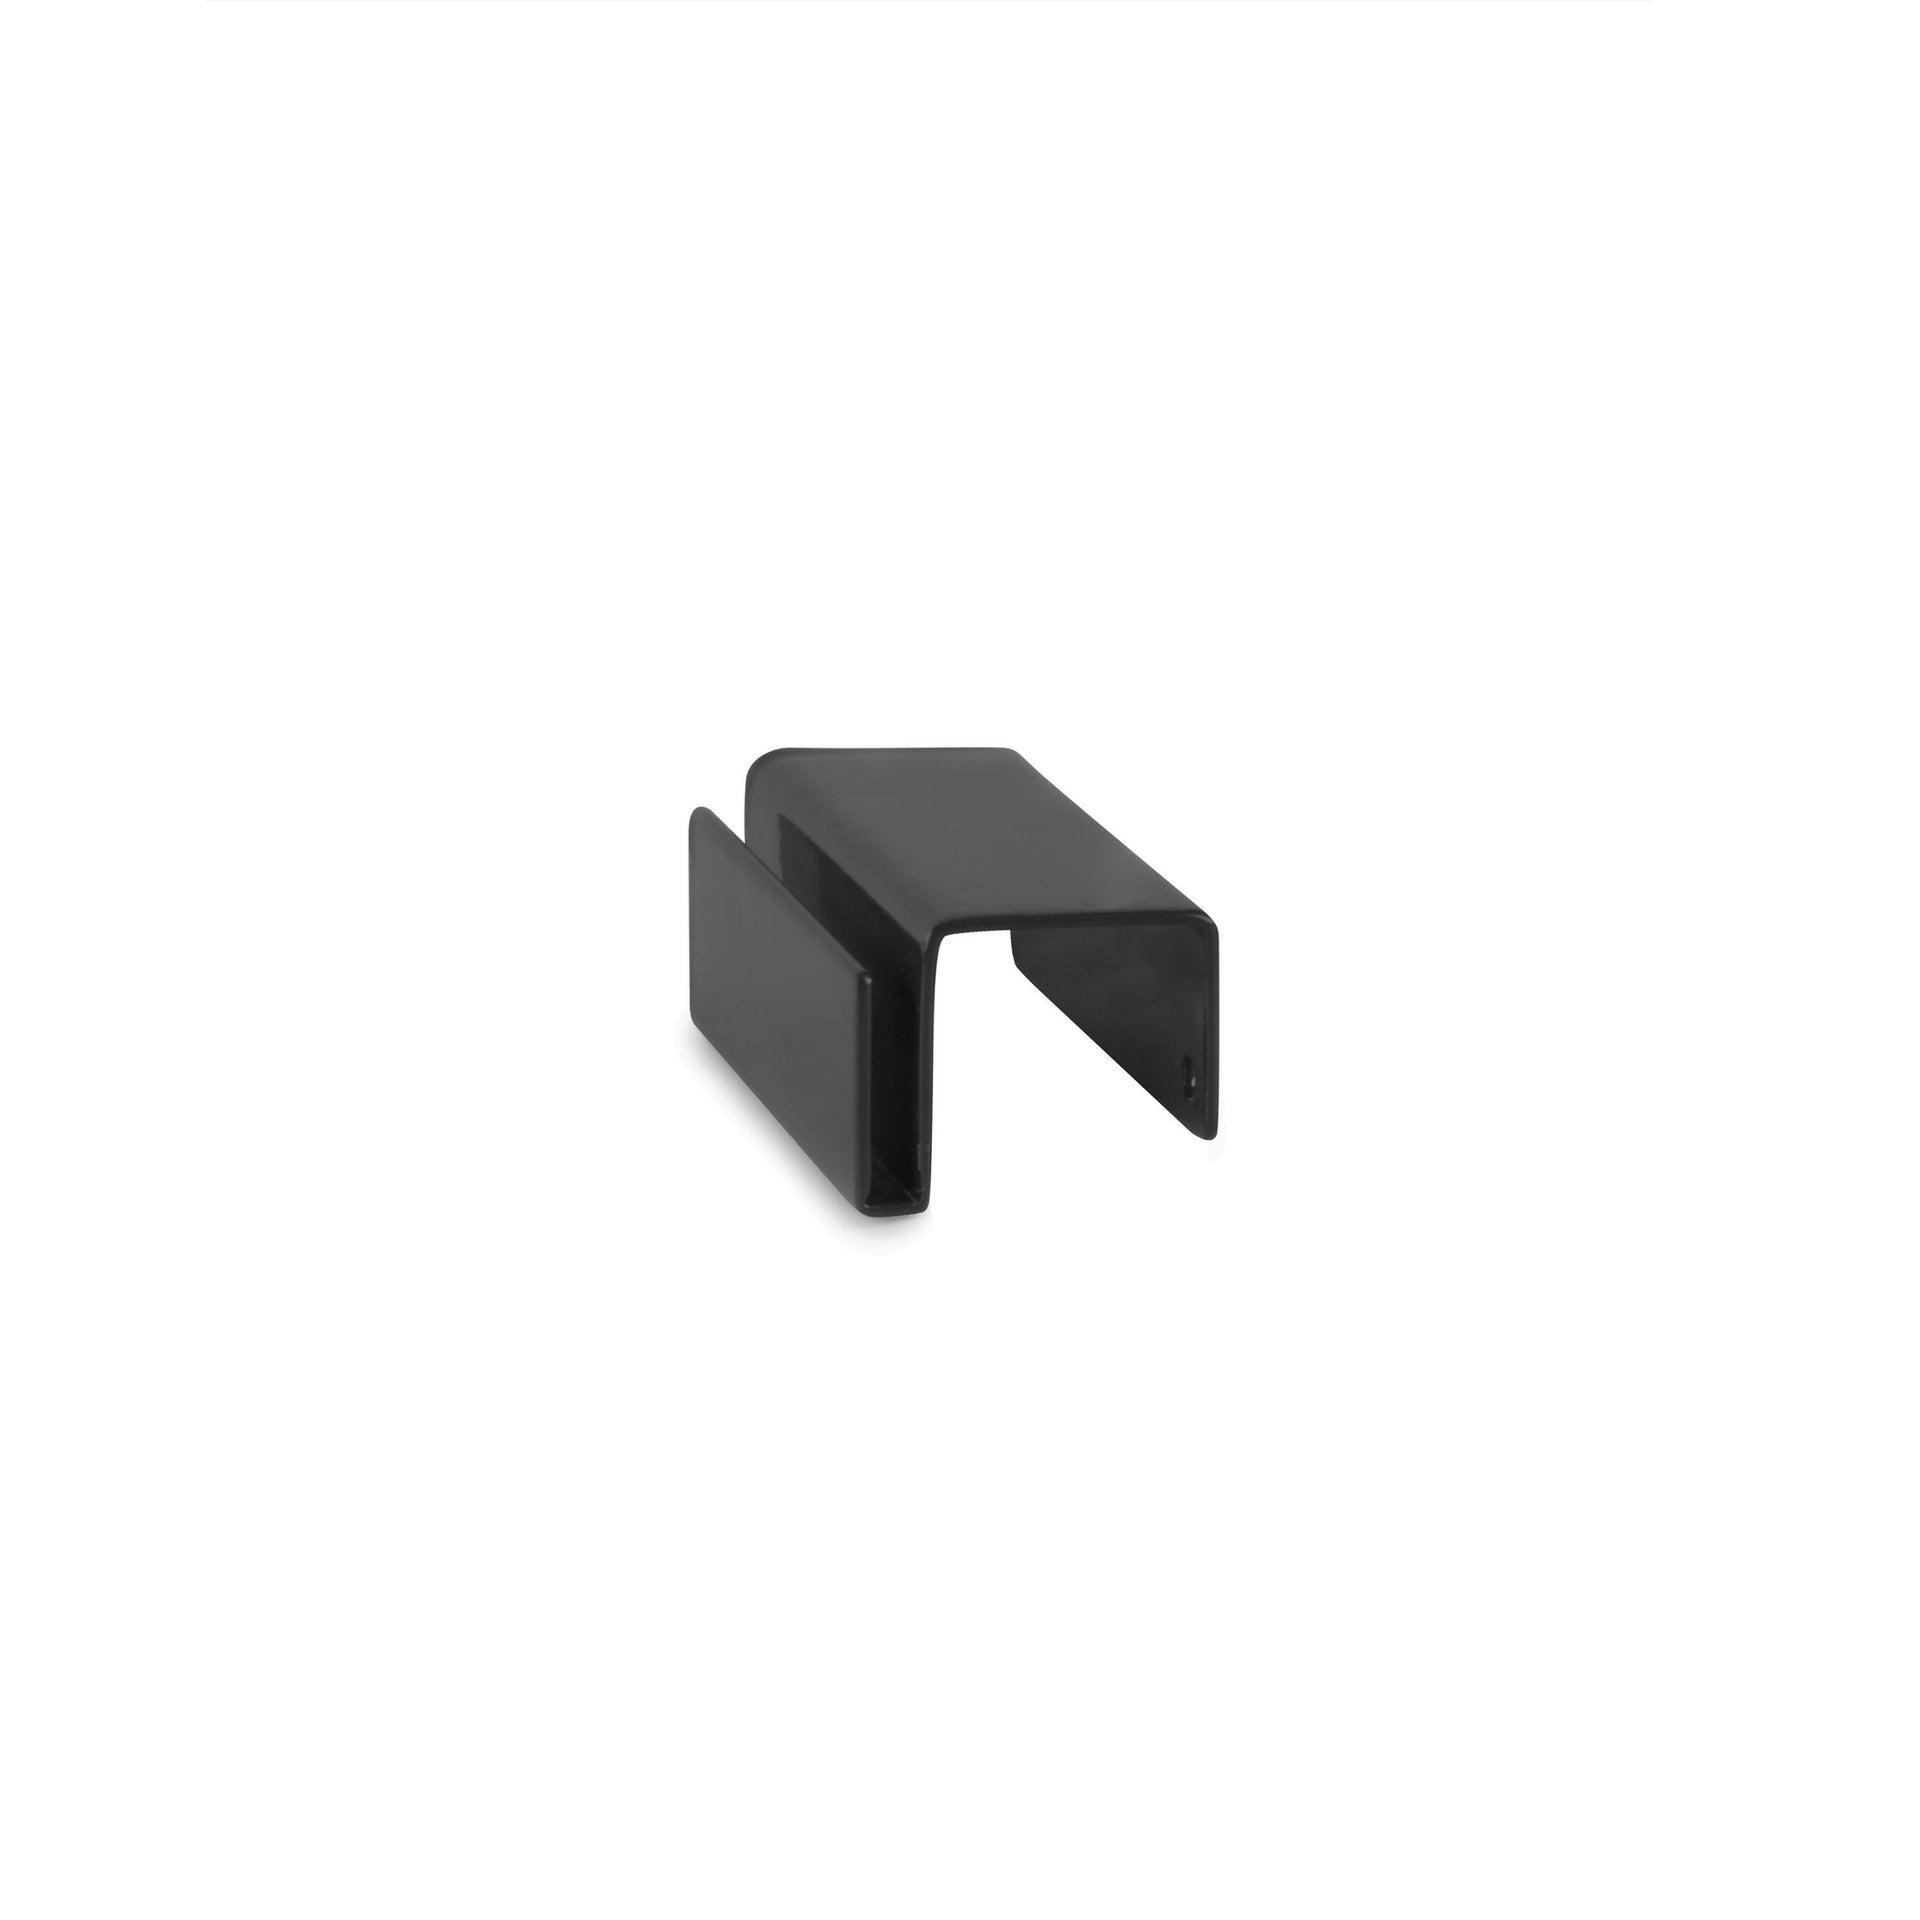 Gancio DELINIA ID in acciaio nero - 12